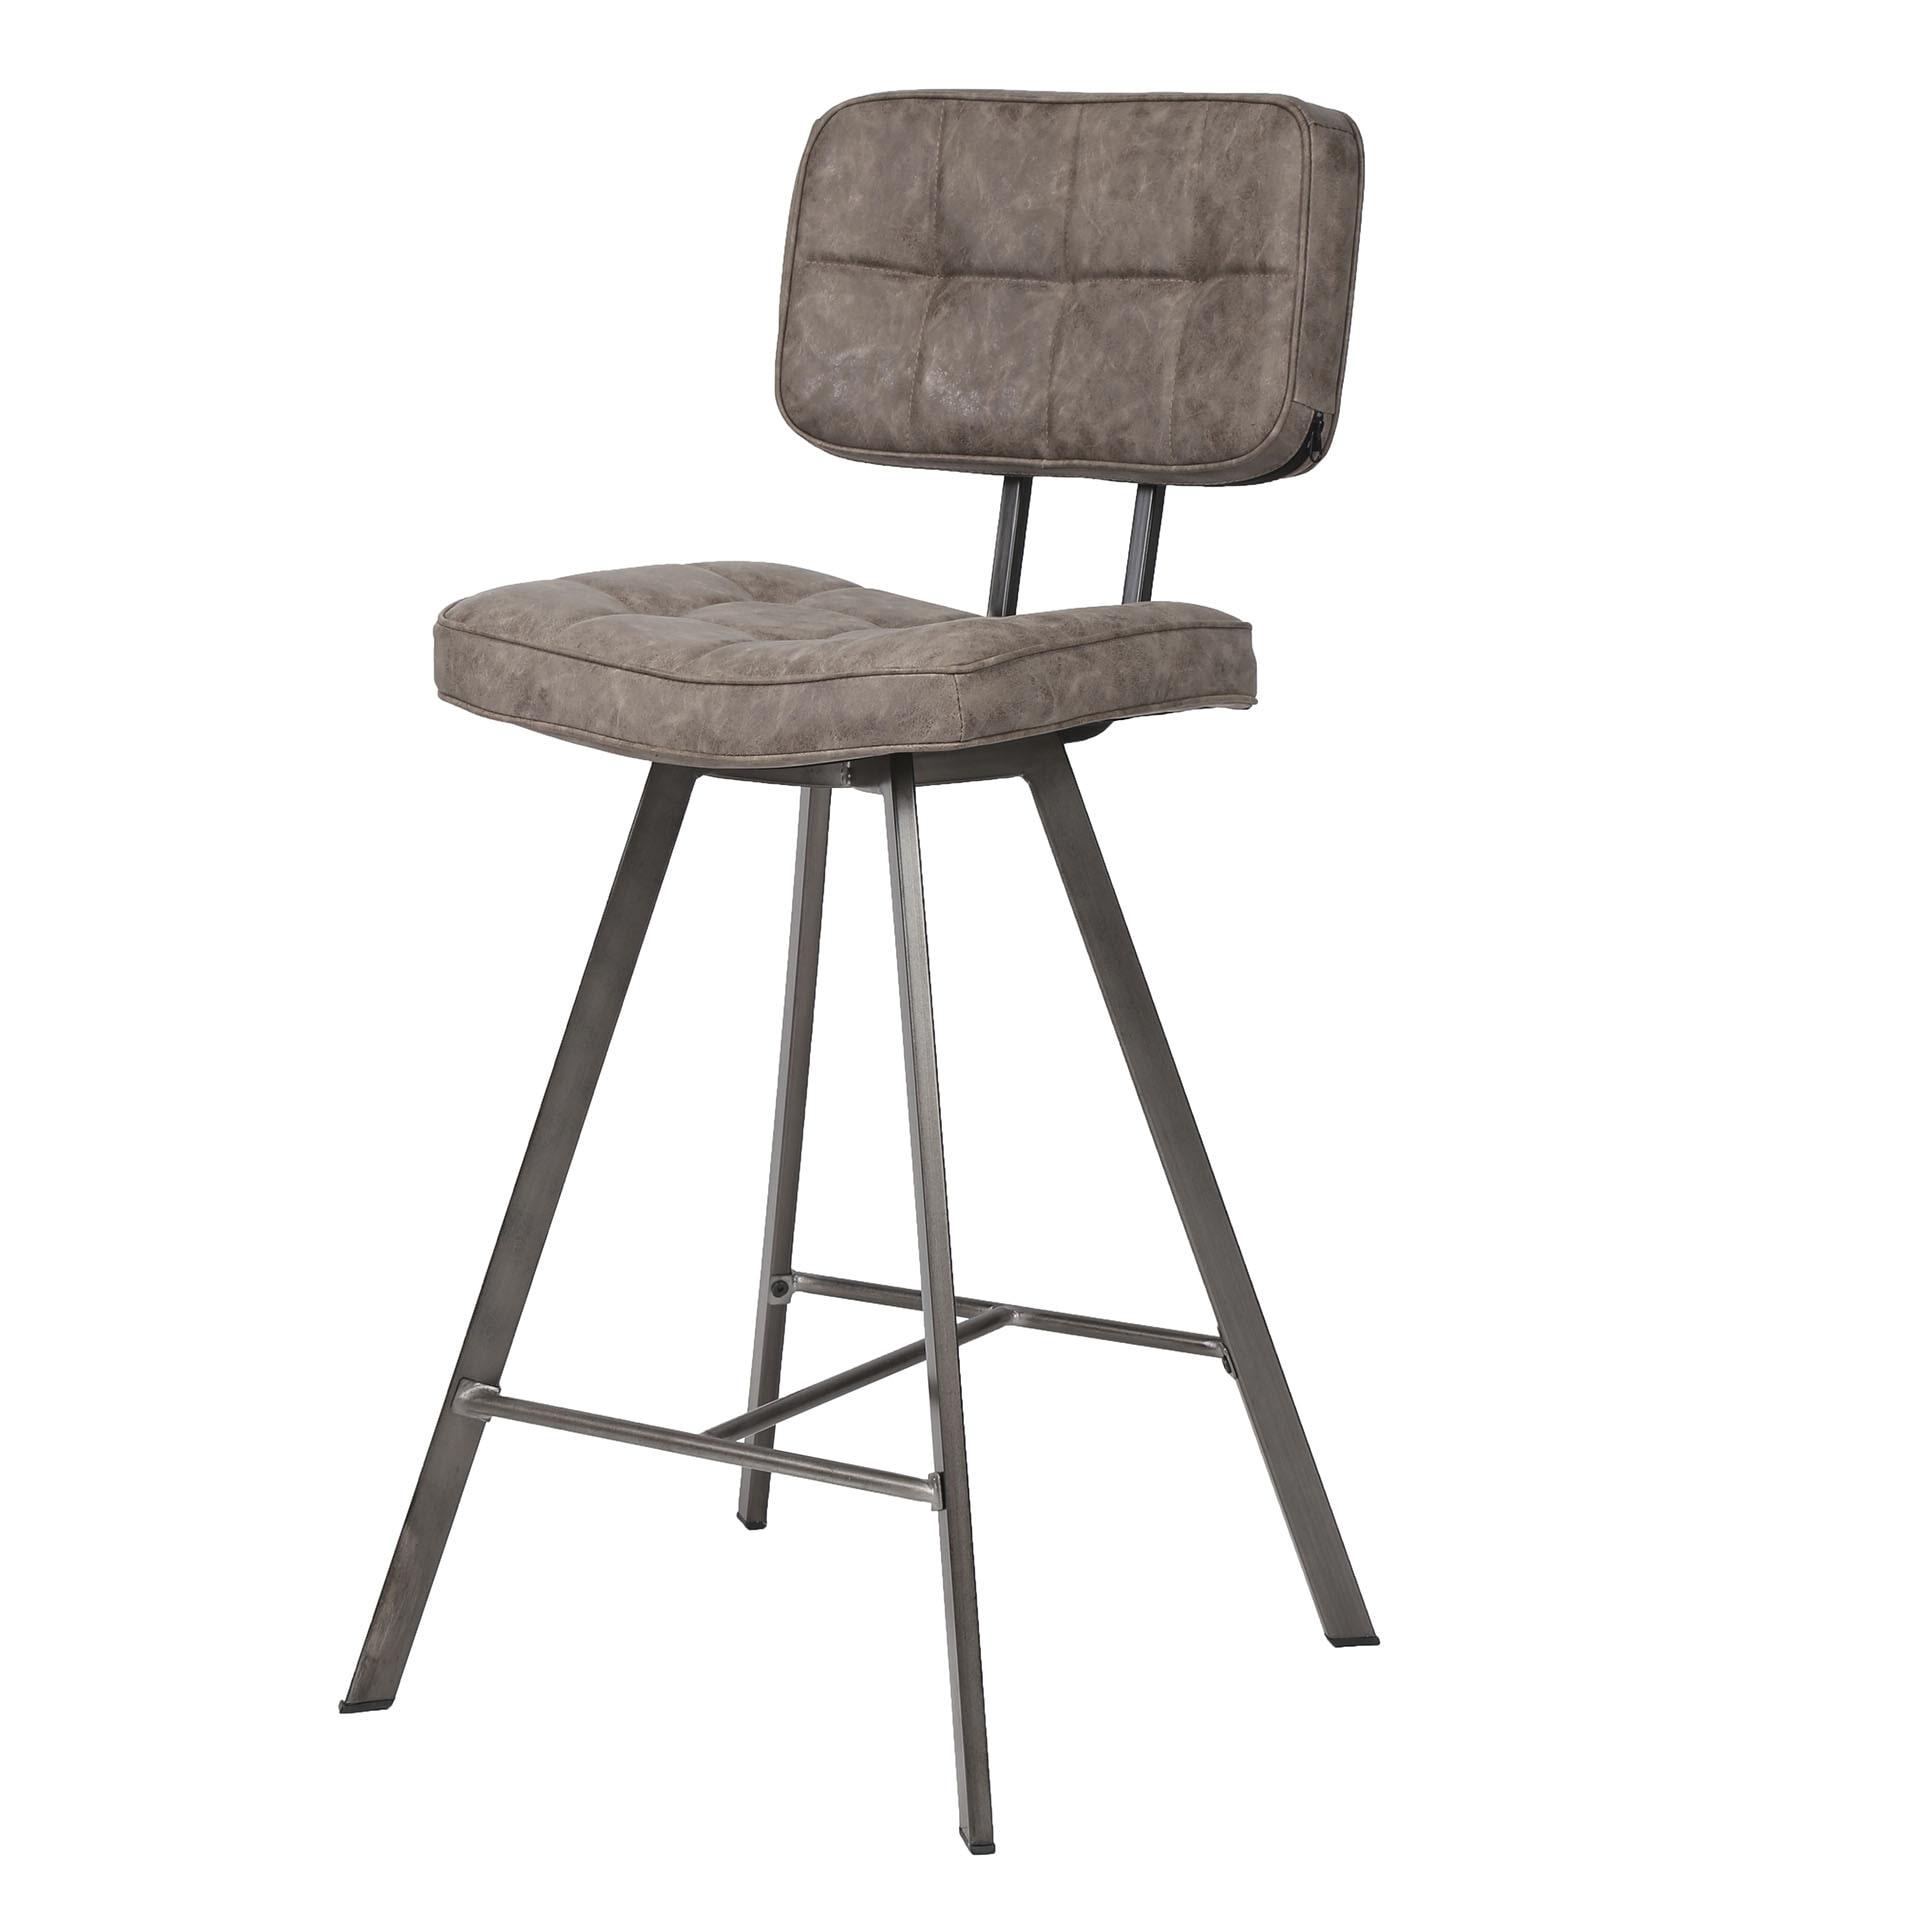 Barstoel 'Ginger' Wax / PU, kleur bruin (zithoogte 68cm) Zitmeubelen | Barkrukken & Barstoelen vergelijken doe je het voordeligst hier bij Meubelpartner